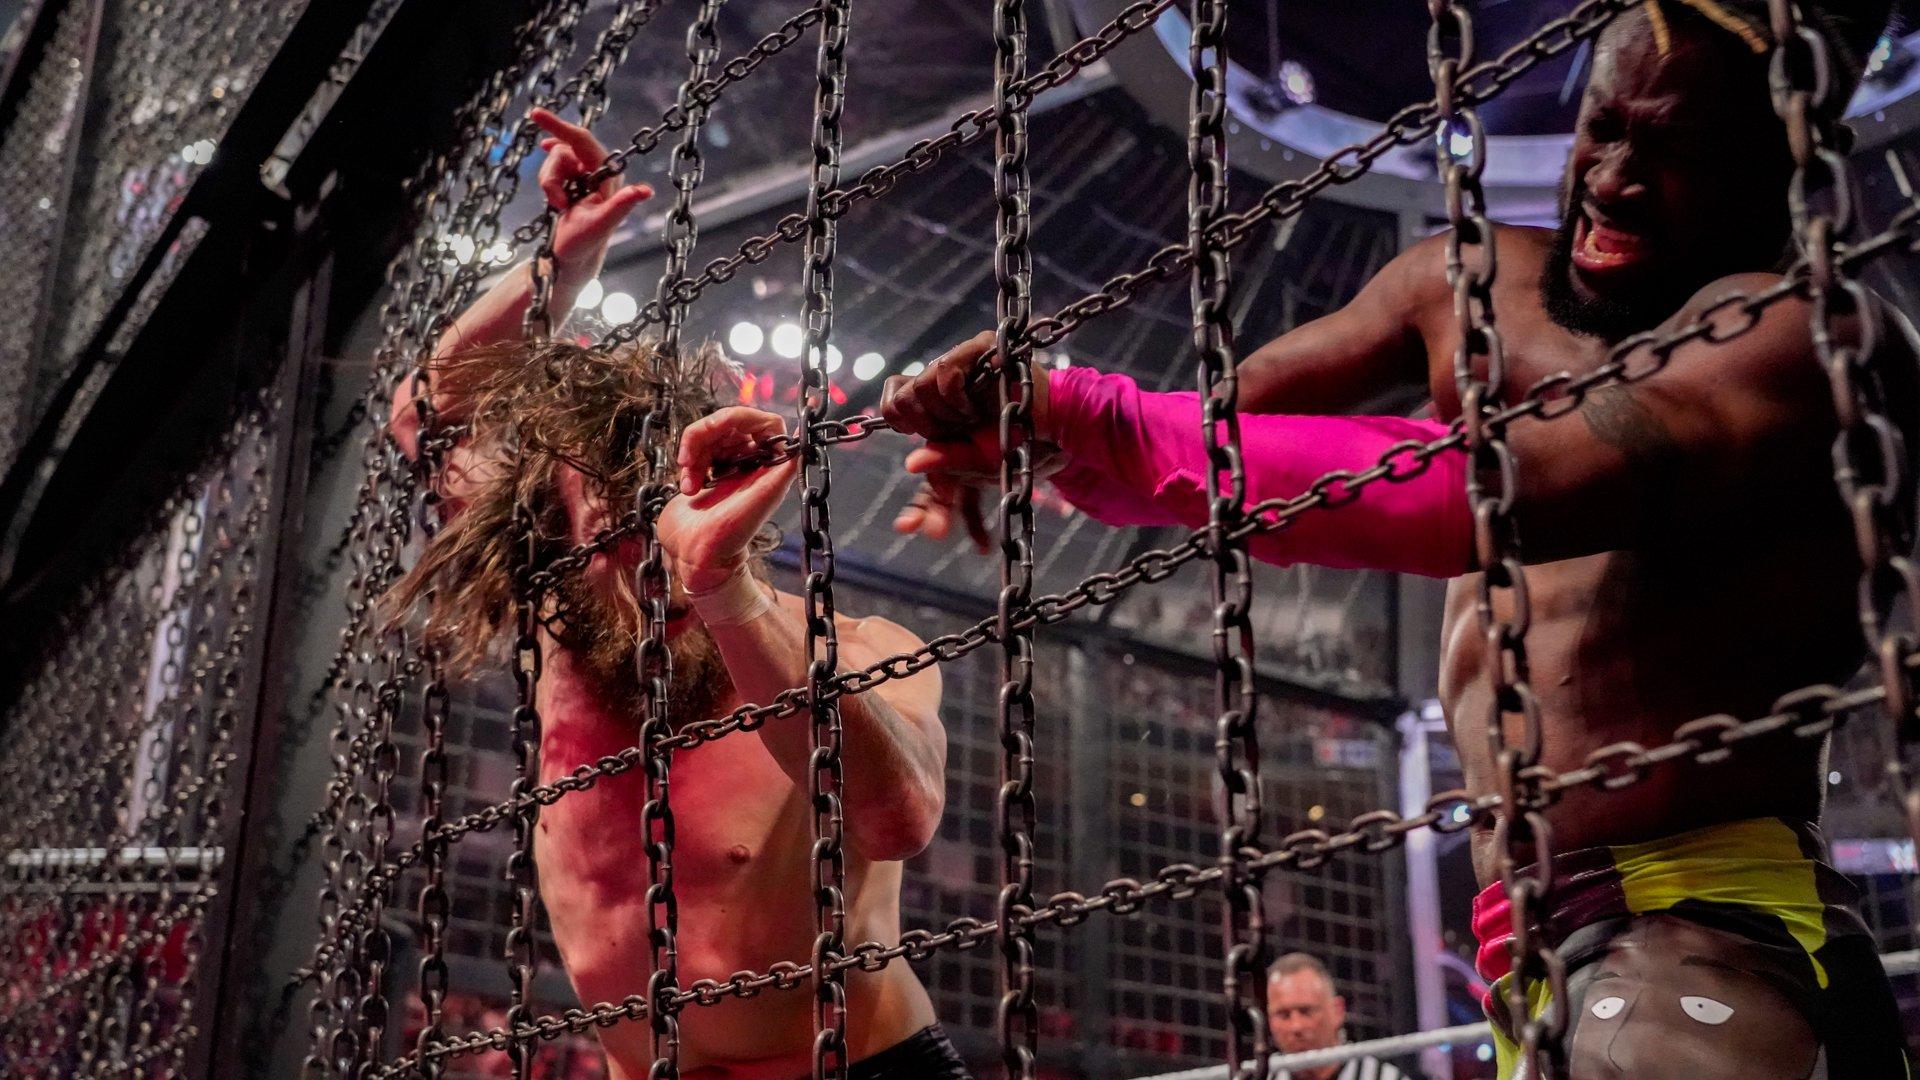 Match Elimination Chamber pour le Championnat WWE: photos